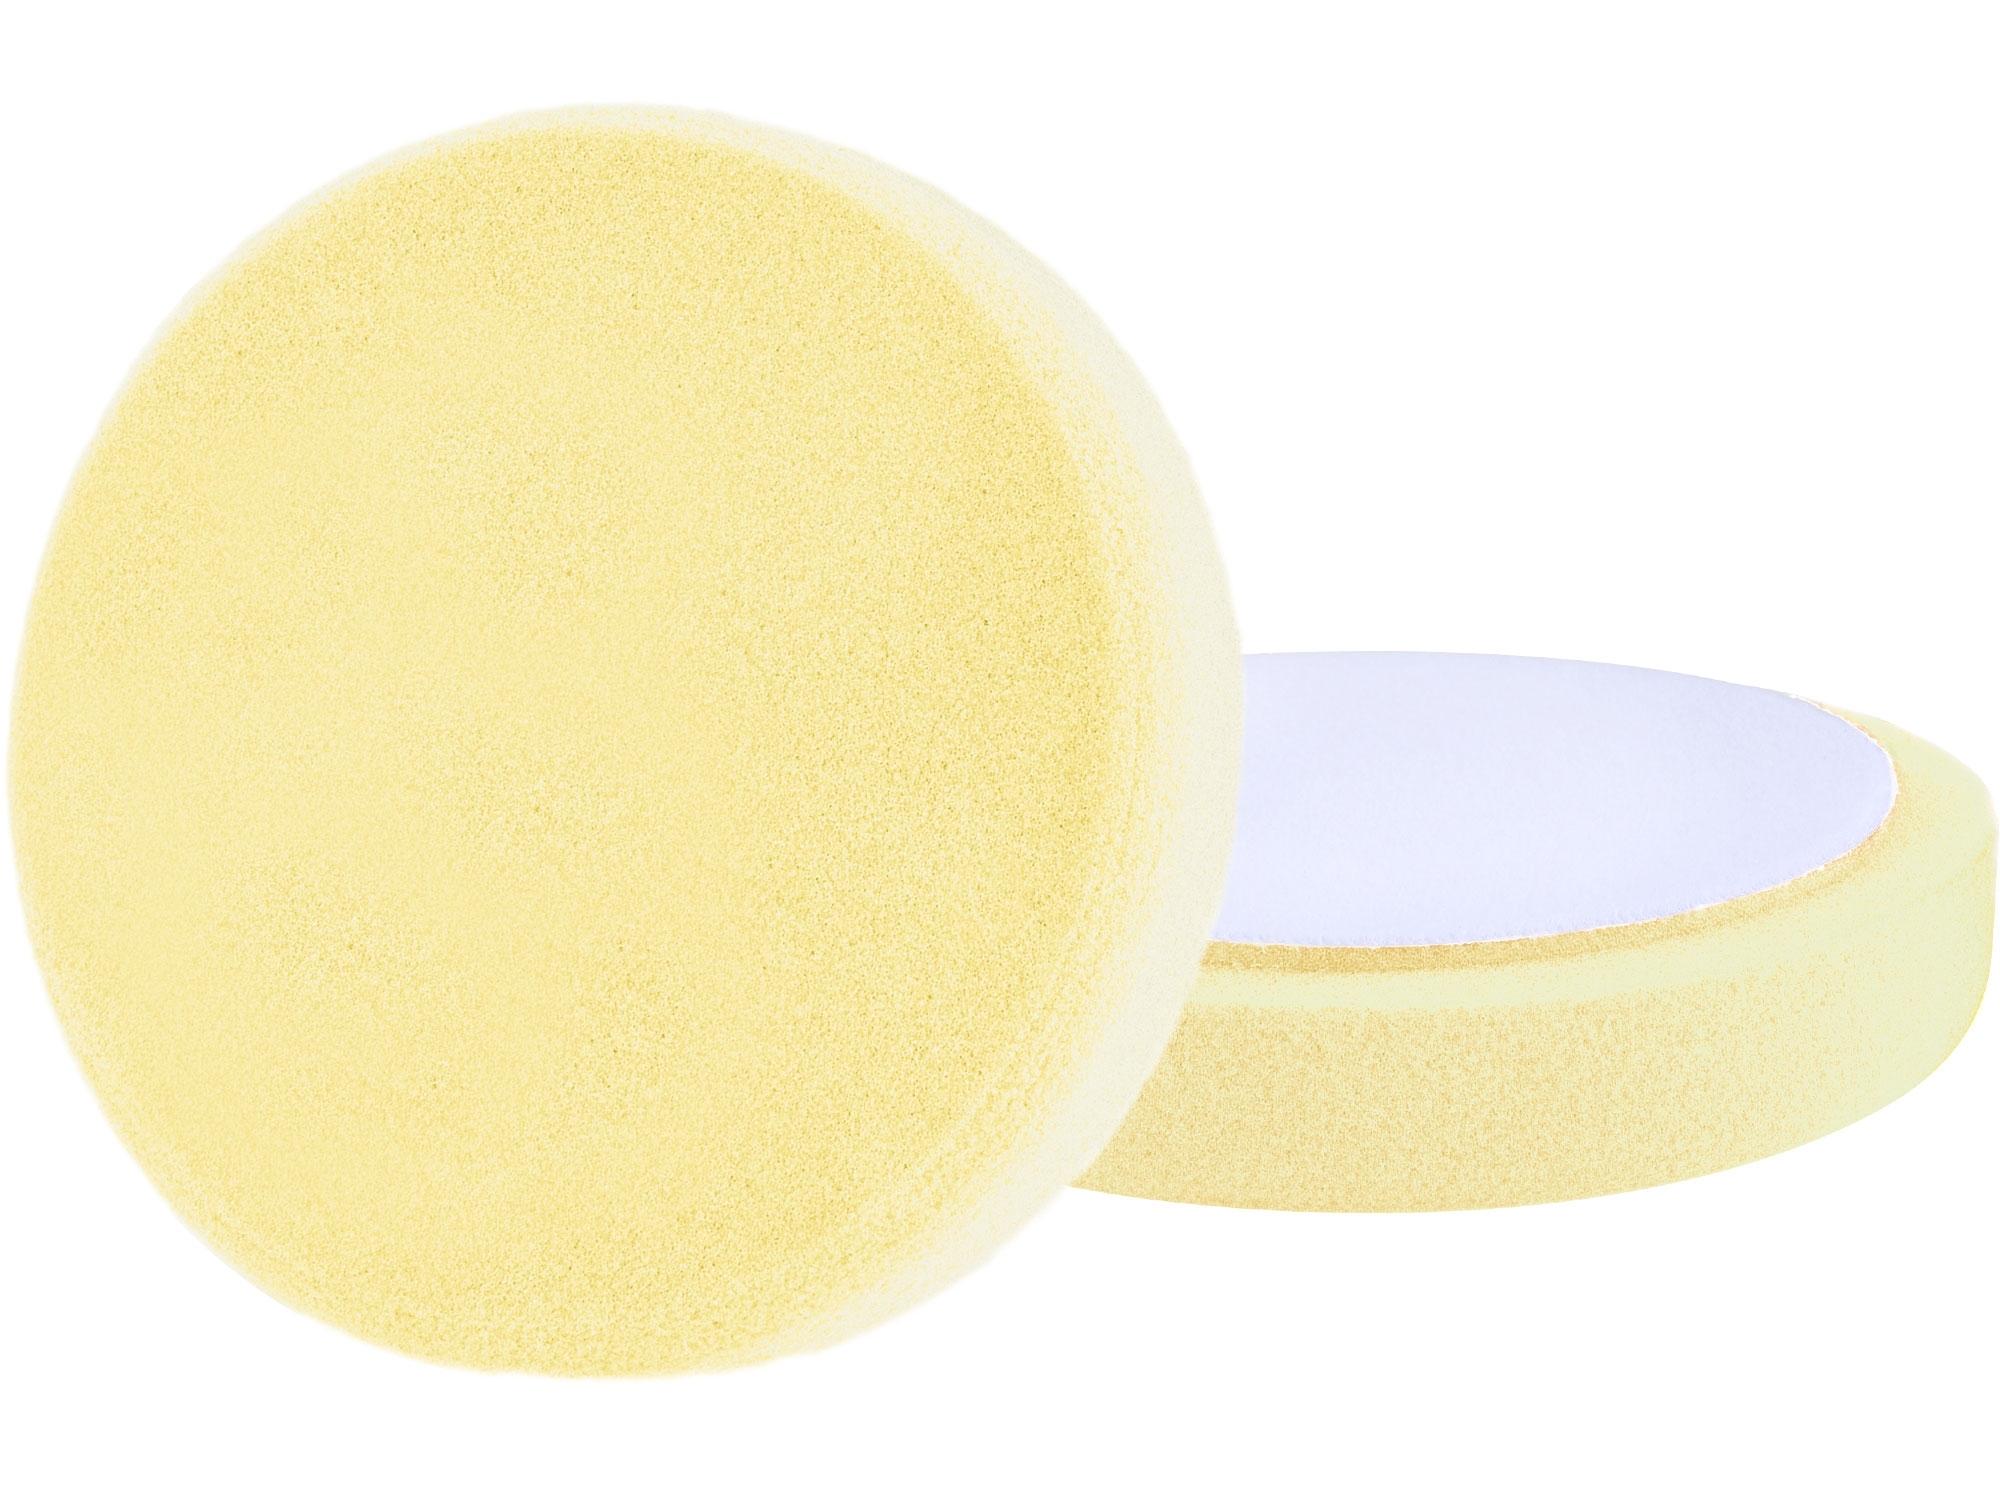 kotouč leštící pěnový, T80, žlutý, ⌀150x30mm, suchý zip ⌀125mm